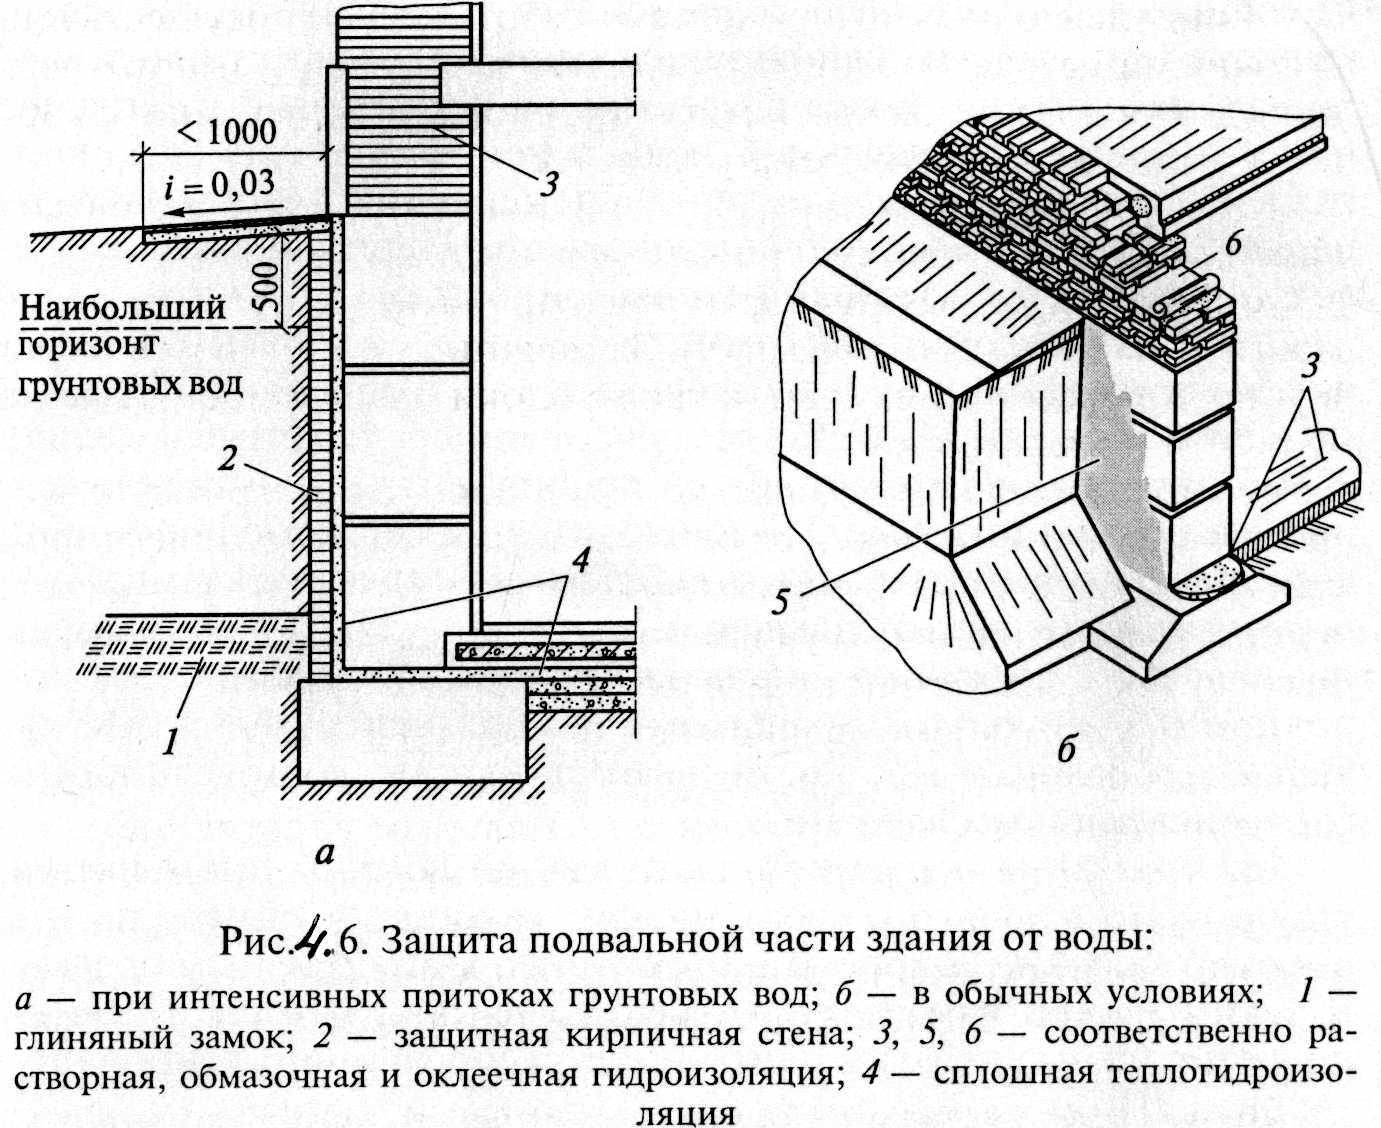 Гидроизоляция цокольного этажа: виды наружной гидроизоляции и ее выполнение своими руками